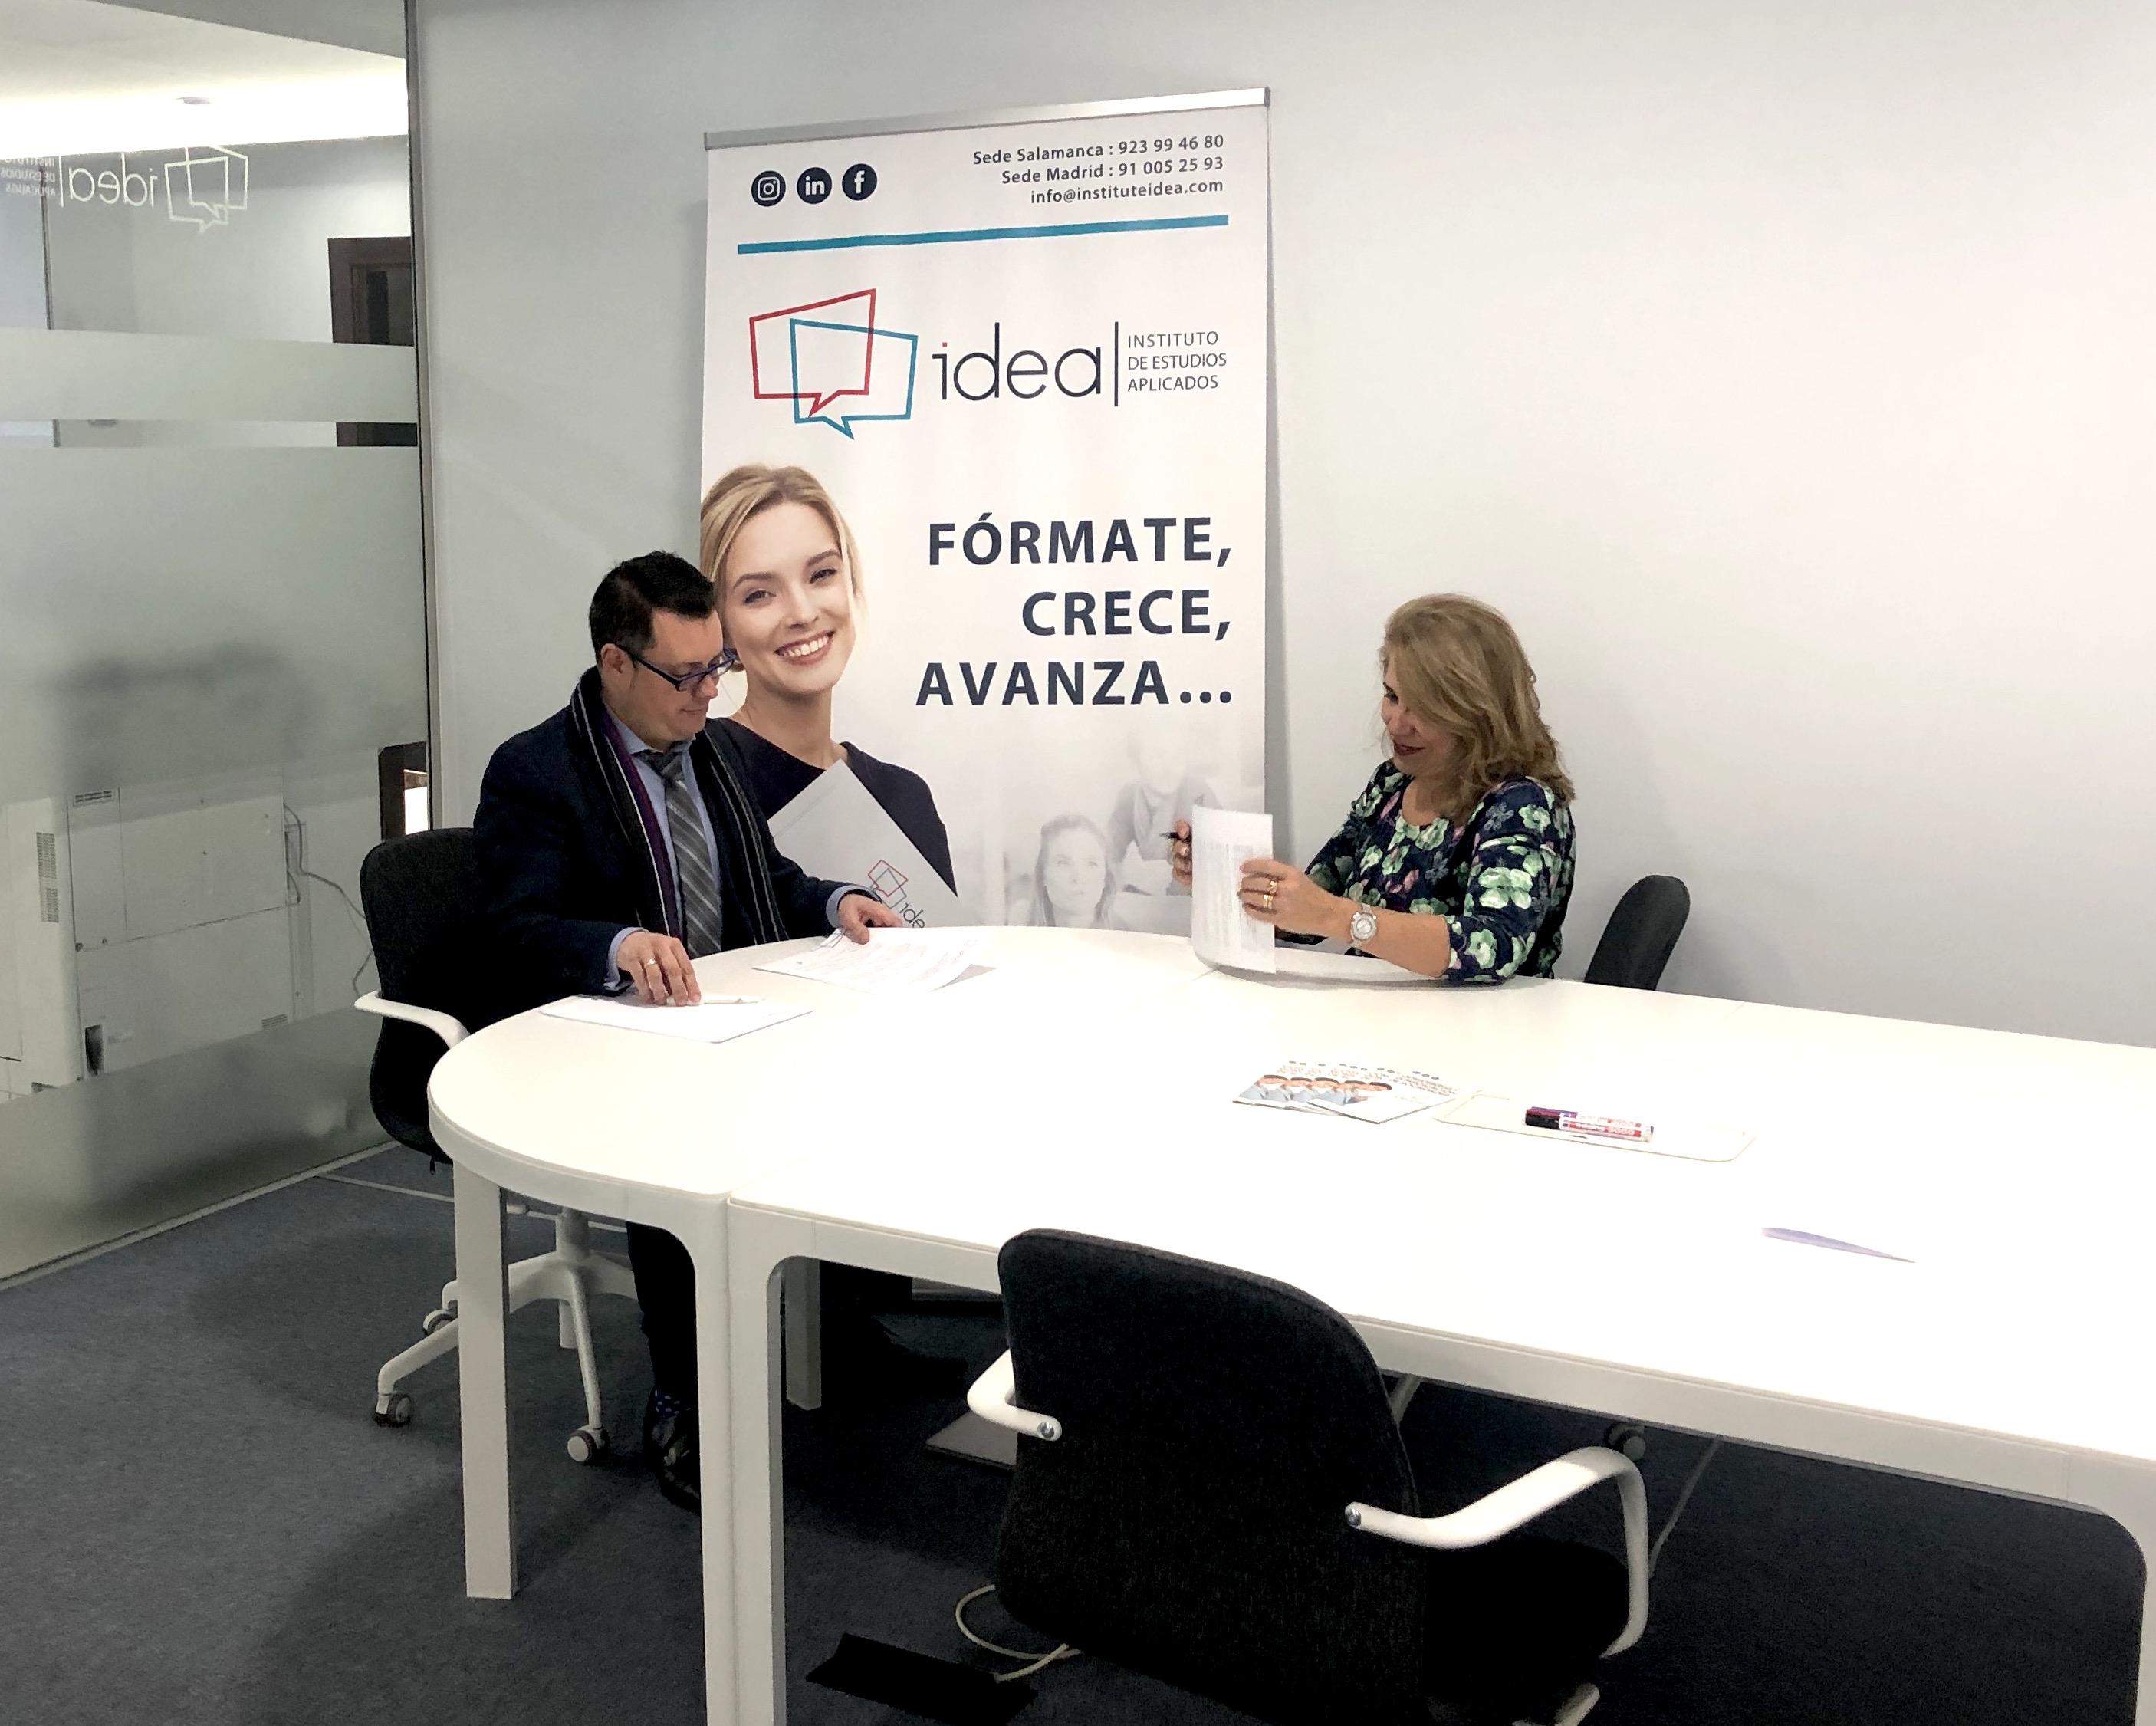 Instituto IDEA